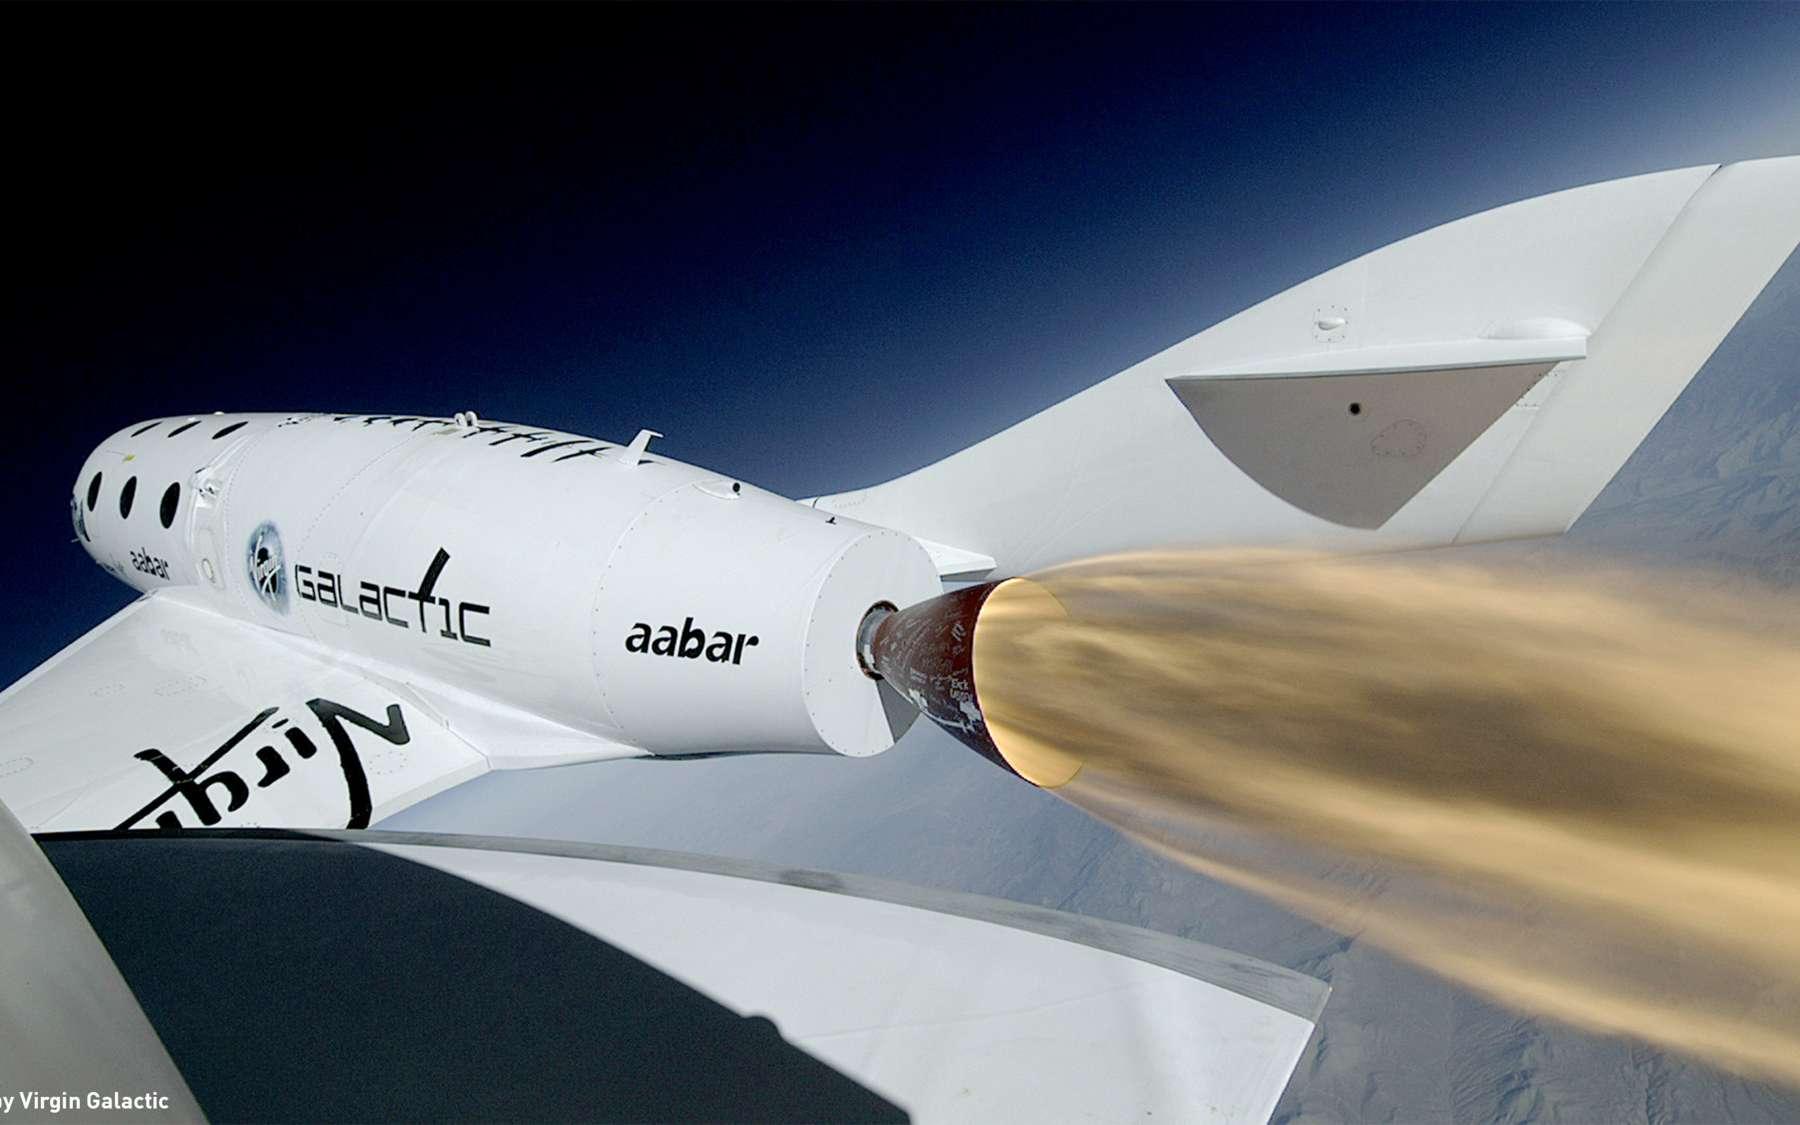 Malgré un premier essai en vol prometteur, le développement du SpaceShipTwo accumule un retard, ce qui reporte au-delà de 2015 l'ouverture du service commercial. © Virgin Galactic